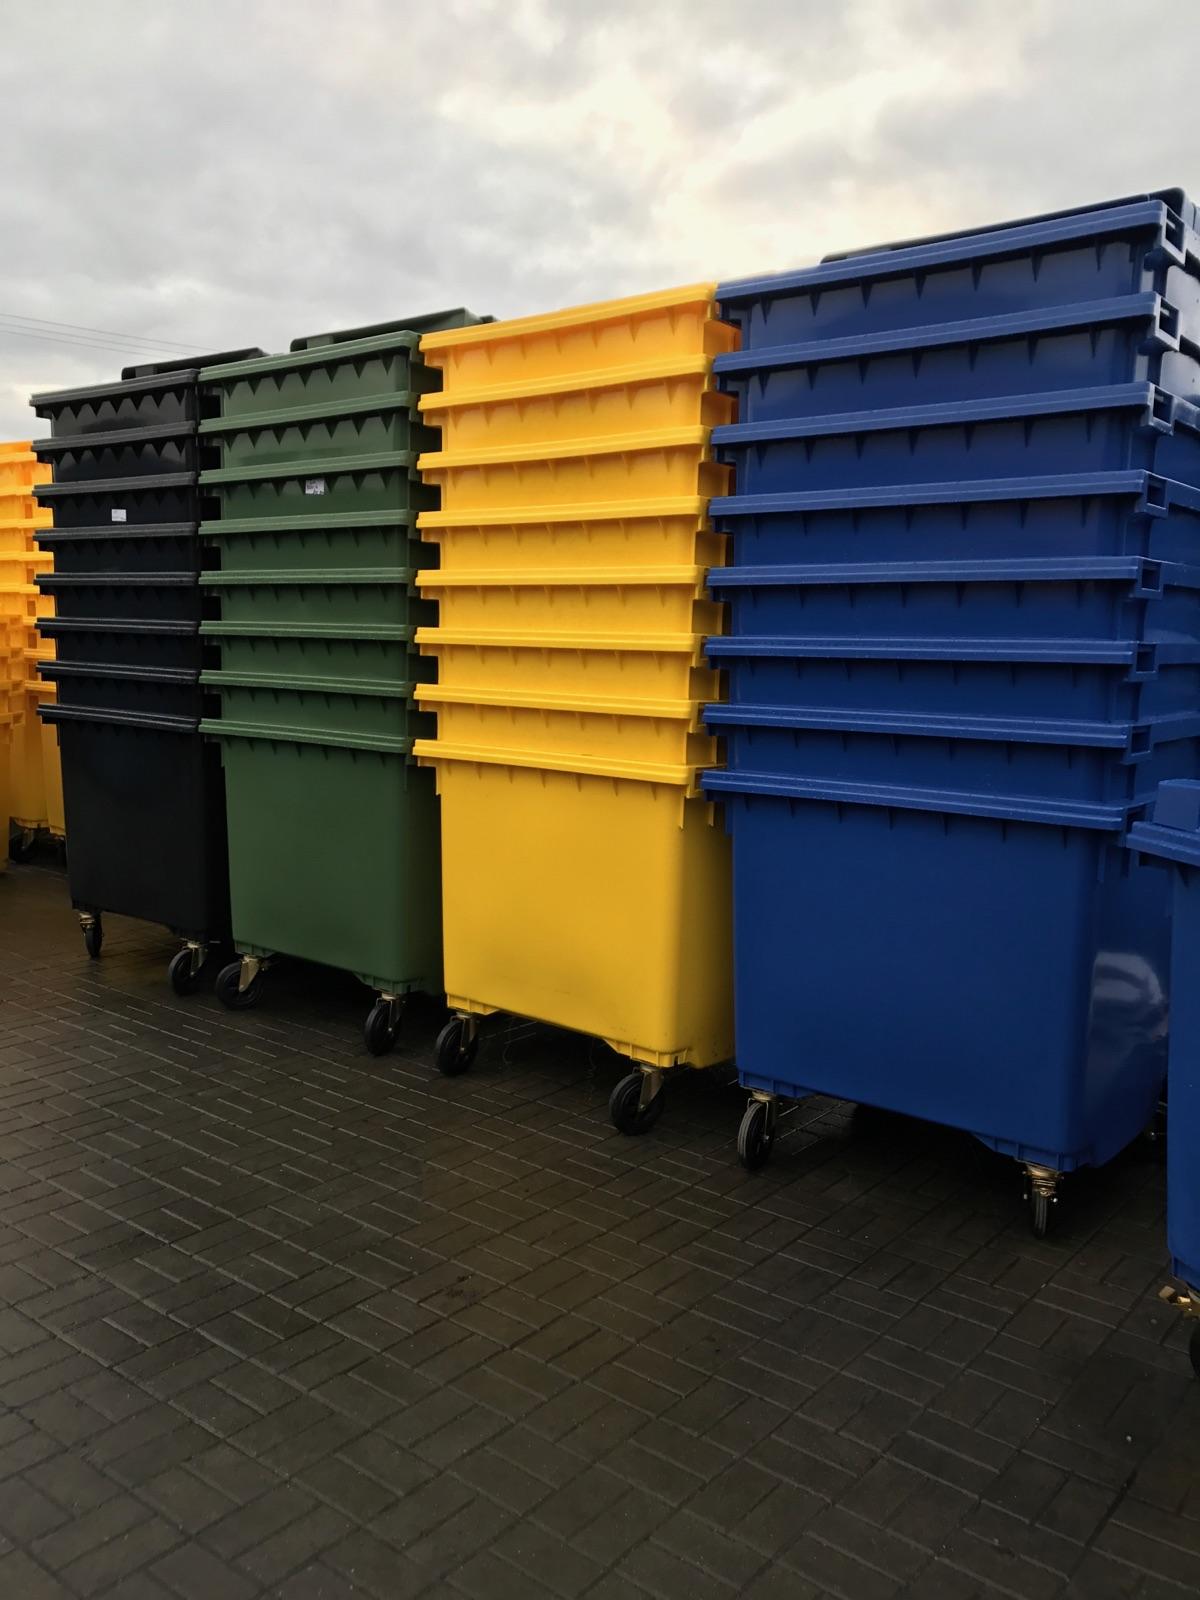 Zamów nowe pojemniki do segragacji odpadów